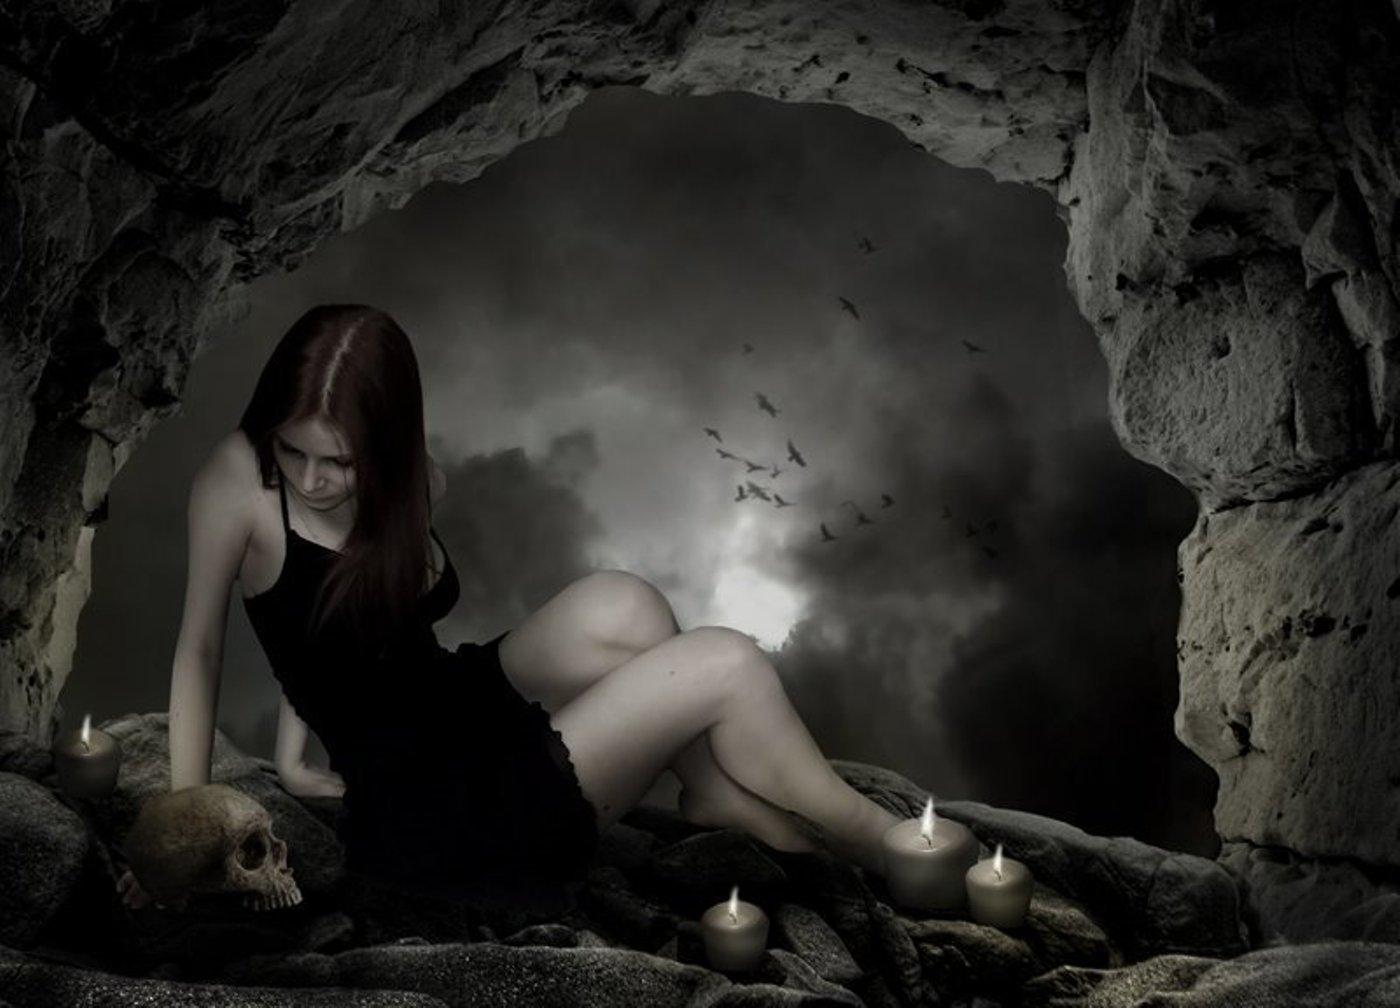 digital blasphemy netgrafx gothic - photo #23